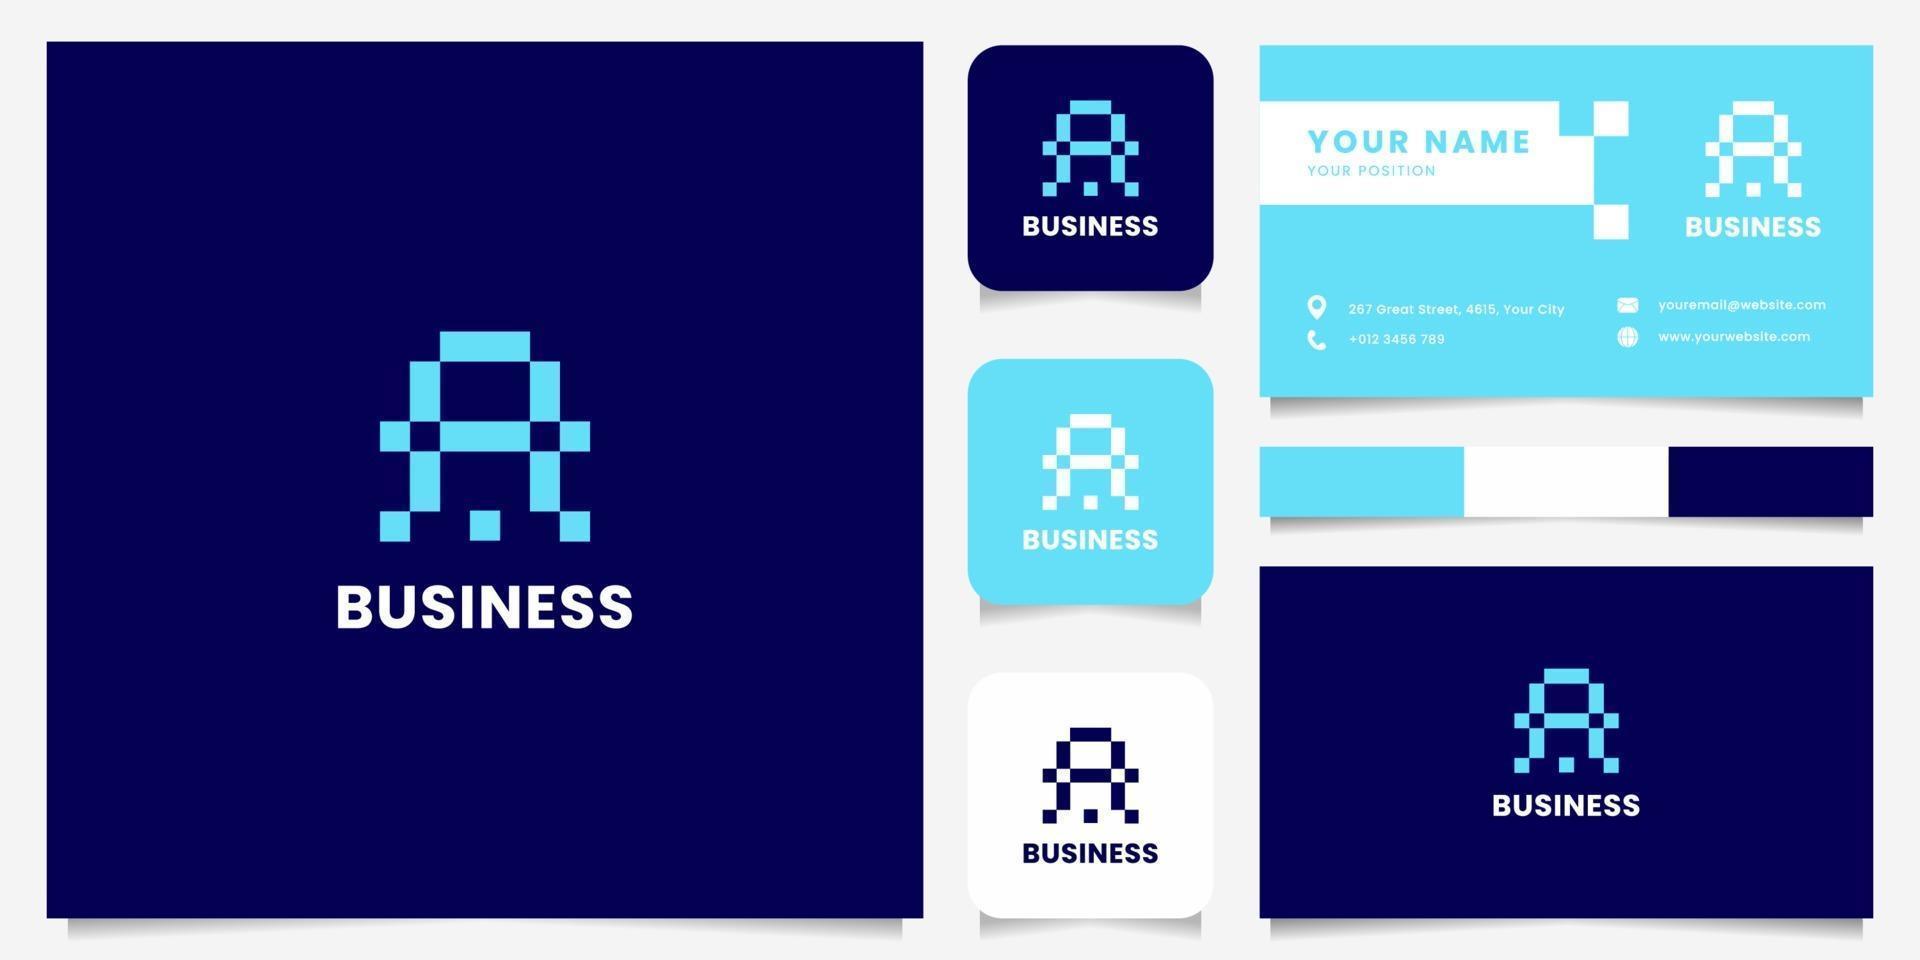 enkel och minimalistisk blå pixelbokstav en logotyp med visitkortsmall vektor